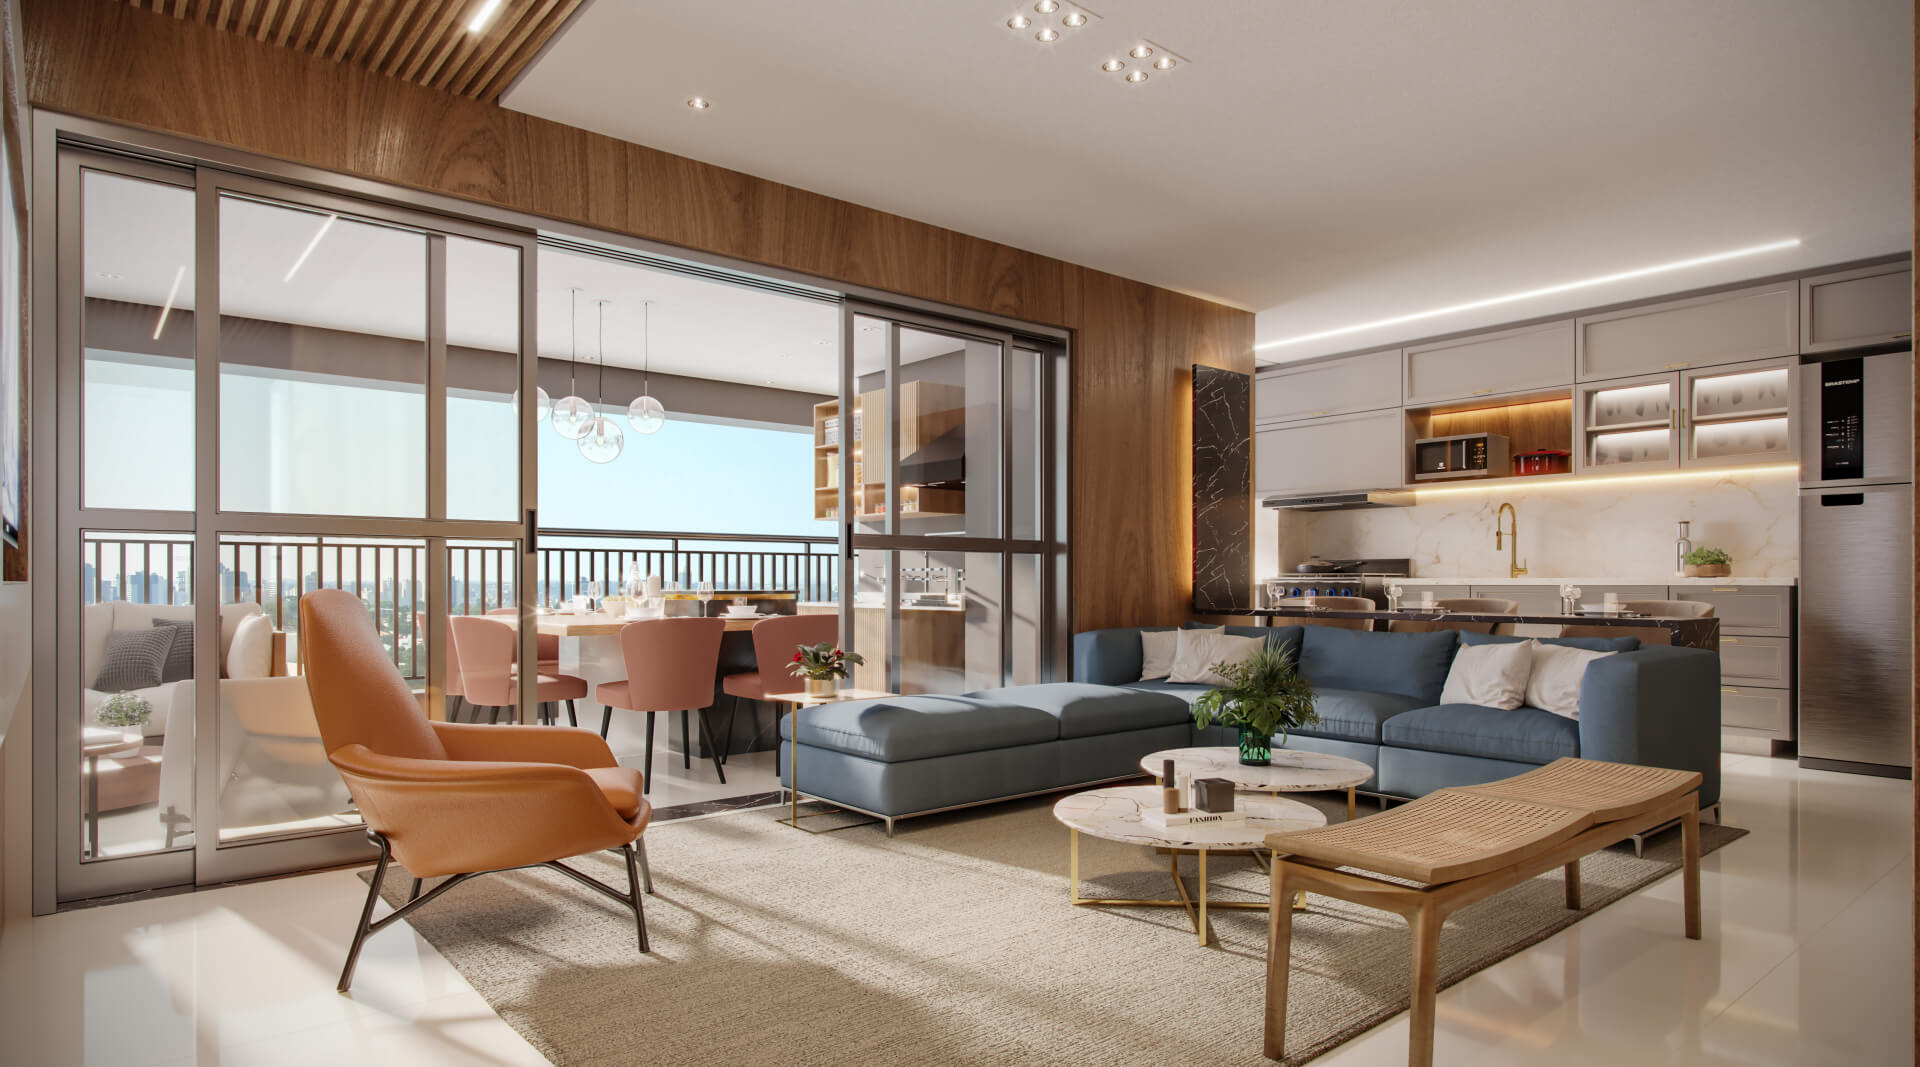 LIVING do apto de 128 m² integrado a cozinha e ao terraço, proporcionando maior fluidez e conexão entre os espaços sociais. Essa sugestão de configuração proporcionar um bom convívio entre os ambientes, ideal para quem gosta de receber.